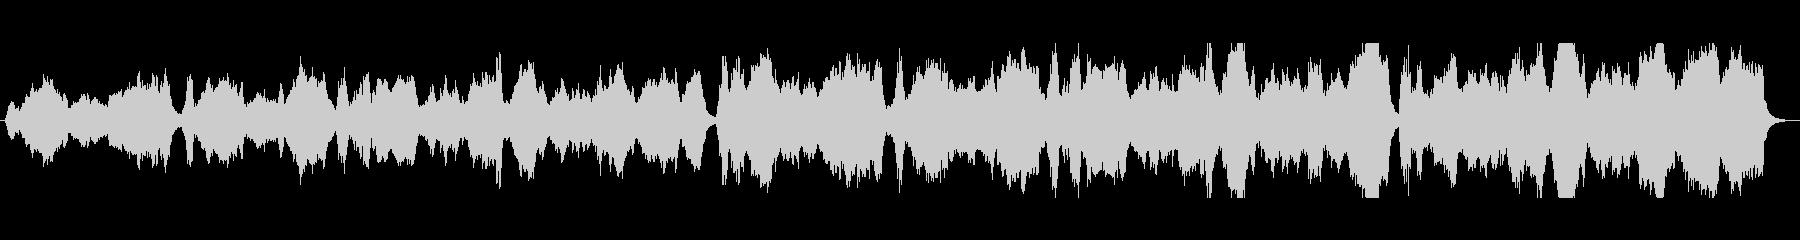 ゲームのエンディング風ストリングス曲の未再生の波形